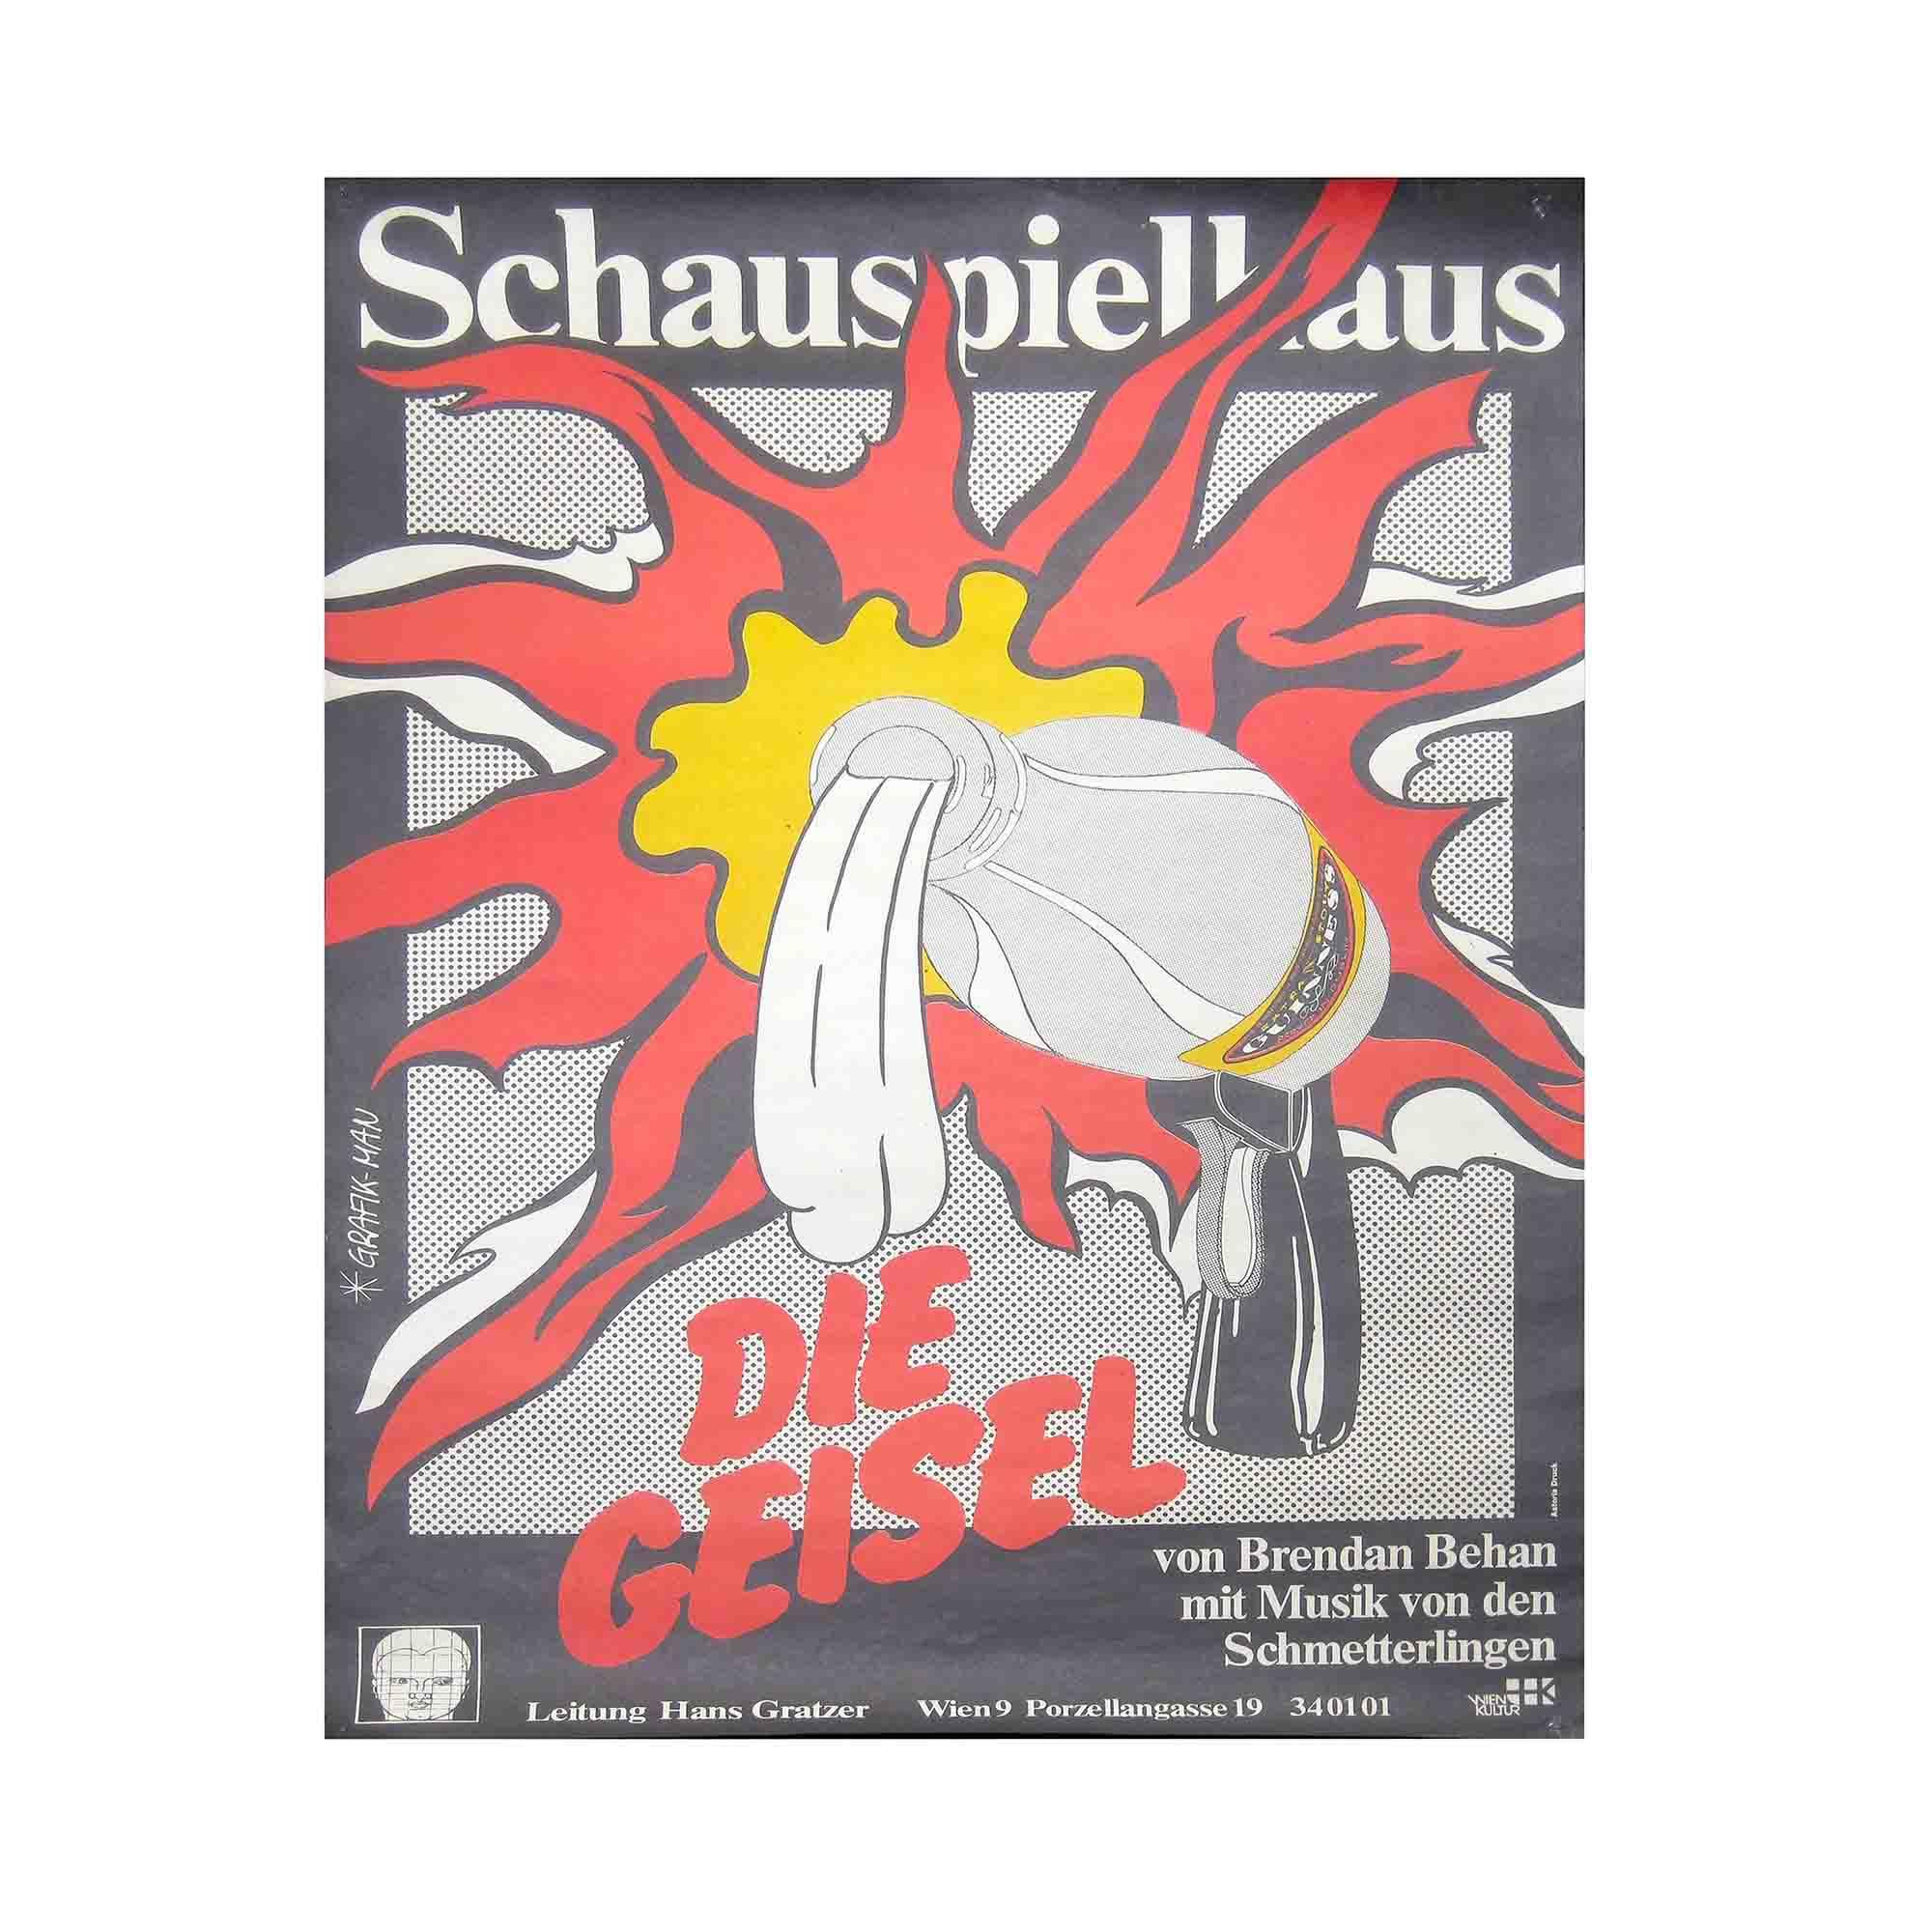 8051 Plakat Grafik-Man Behan Geisel Schauspielhaus 1981 N